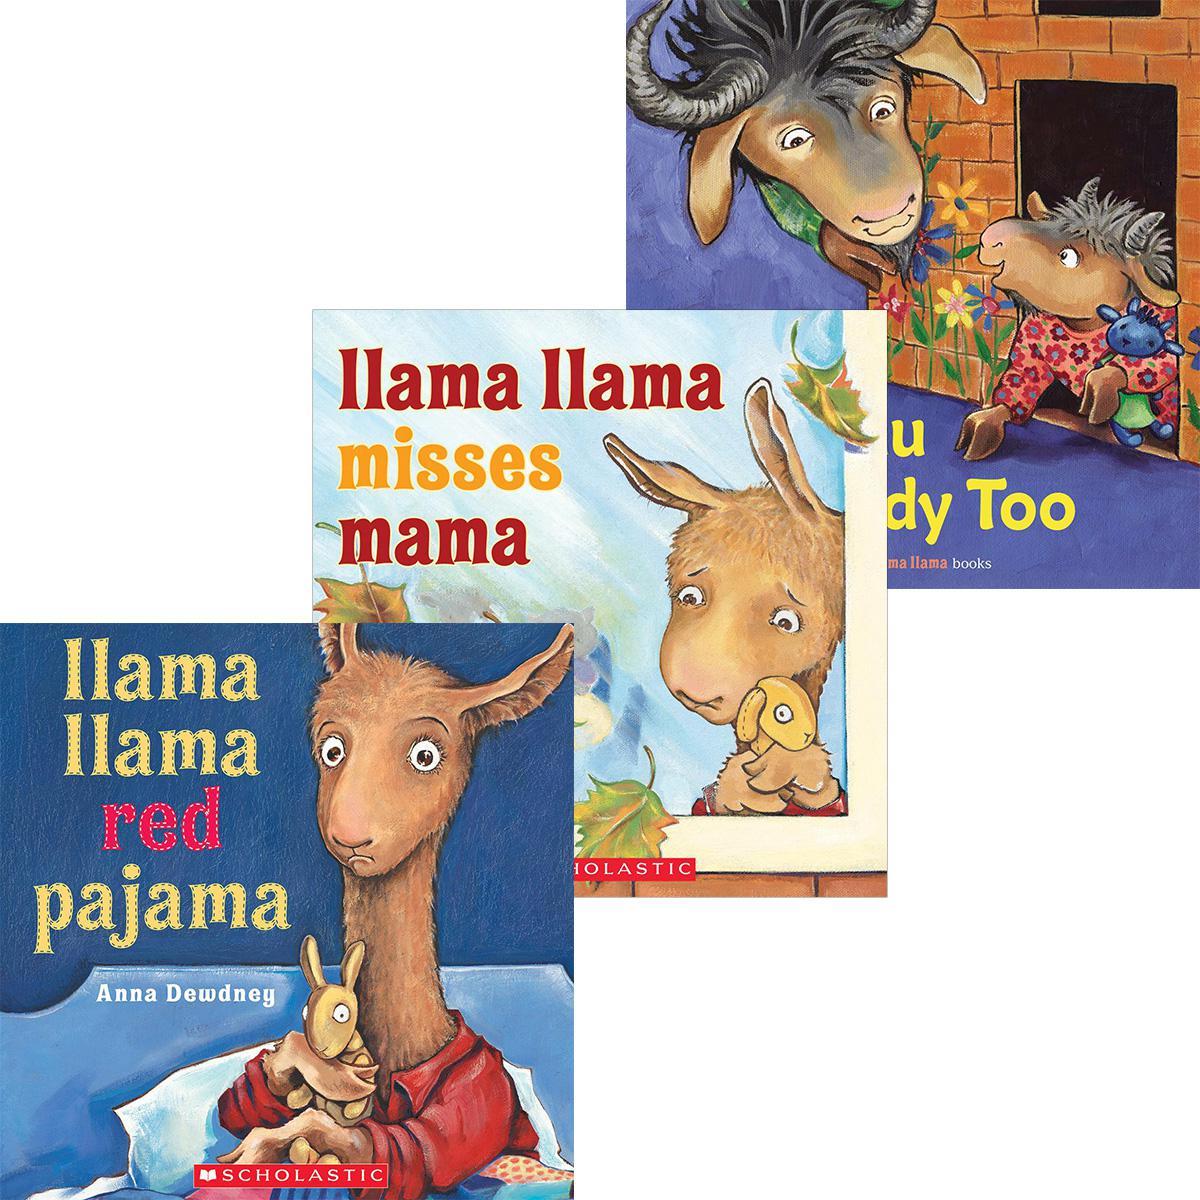 Llama Llama Pack